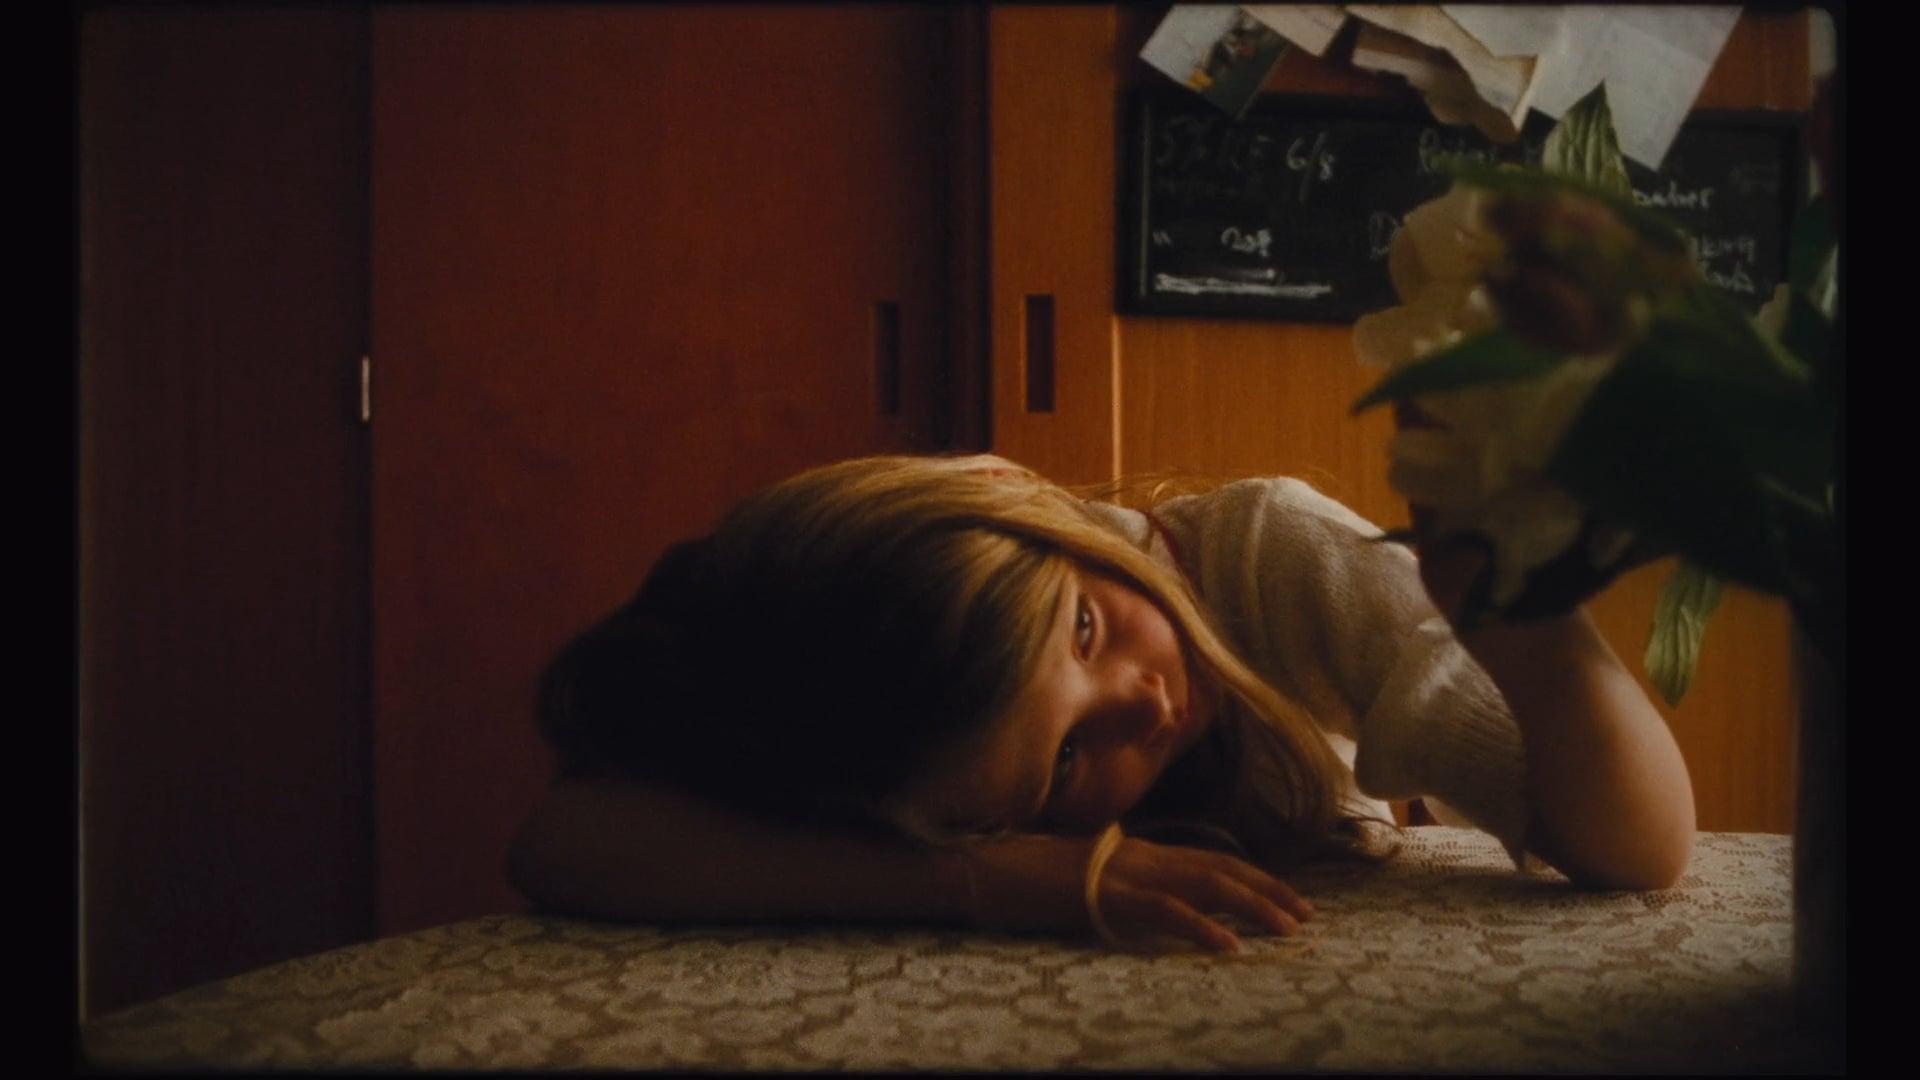 IKEA - Hon som torkar tårar över telefonen